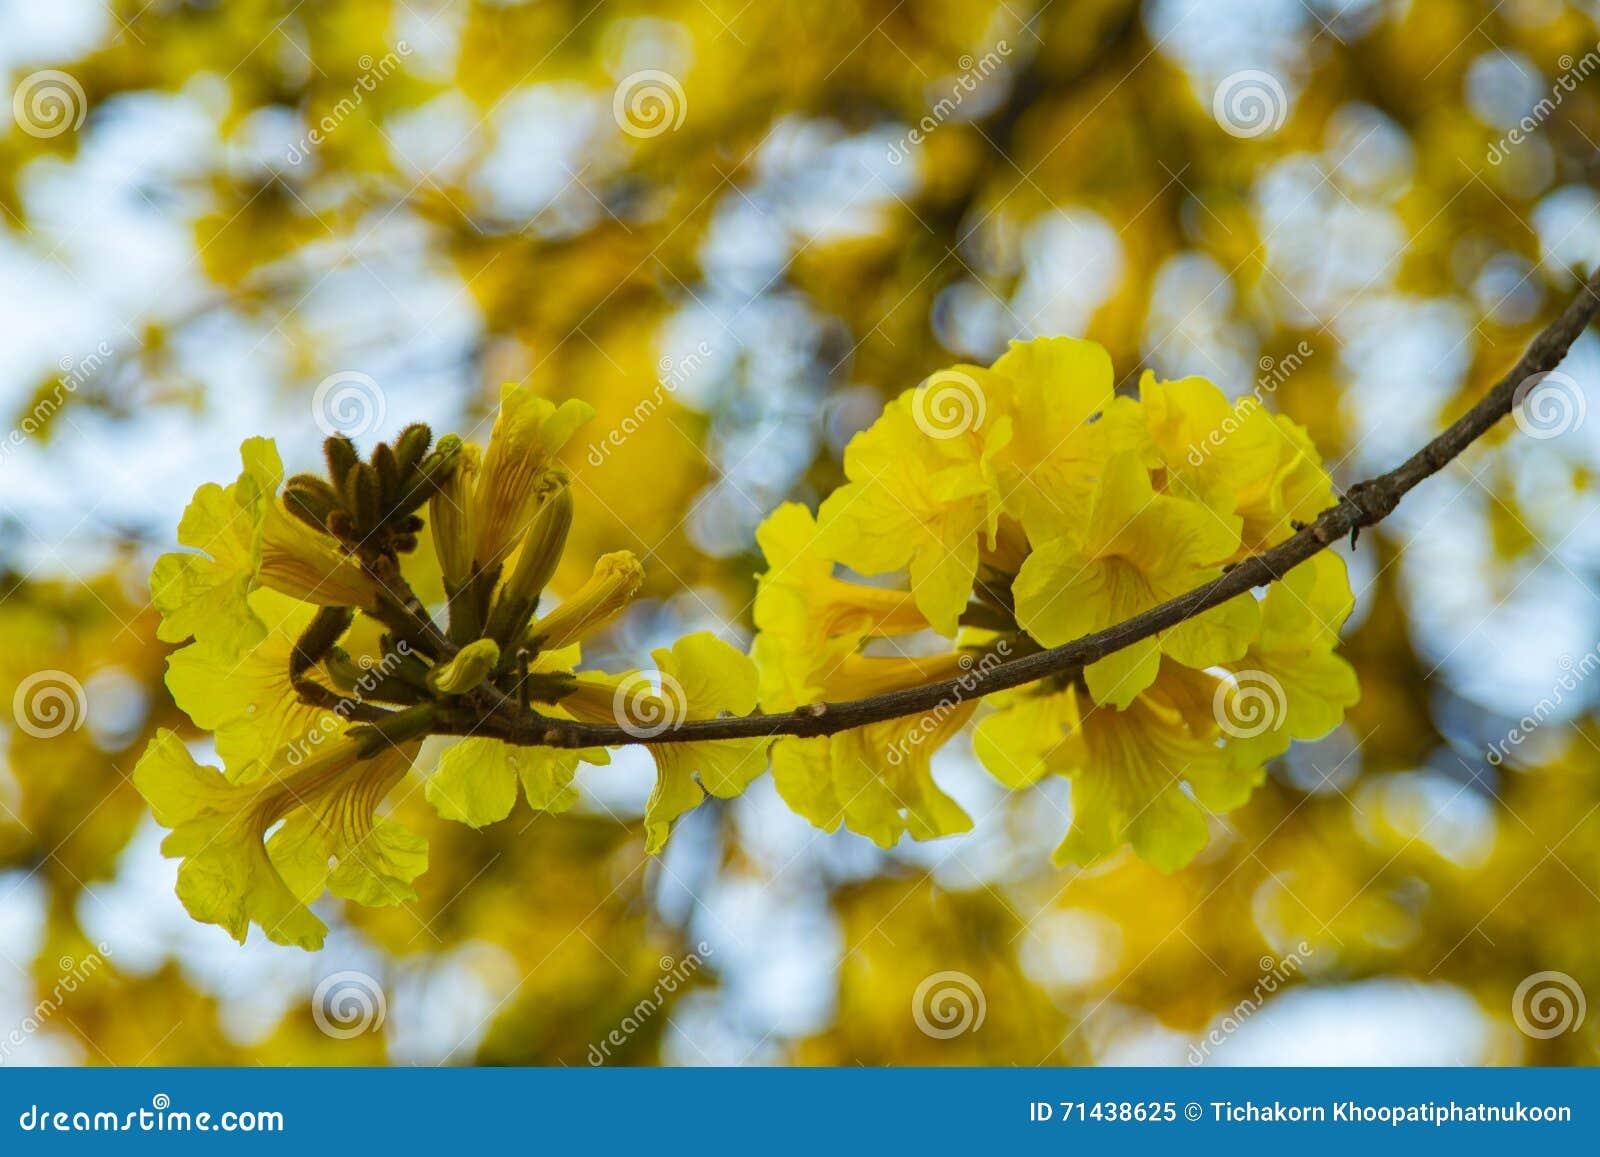 Geel Pui Flowering